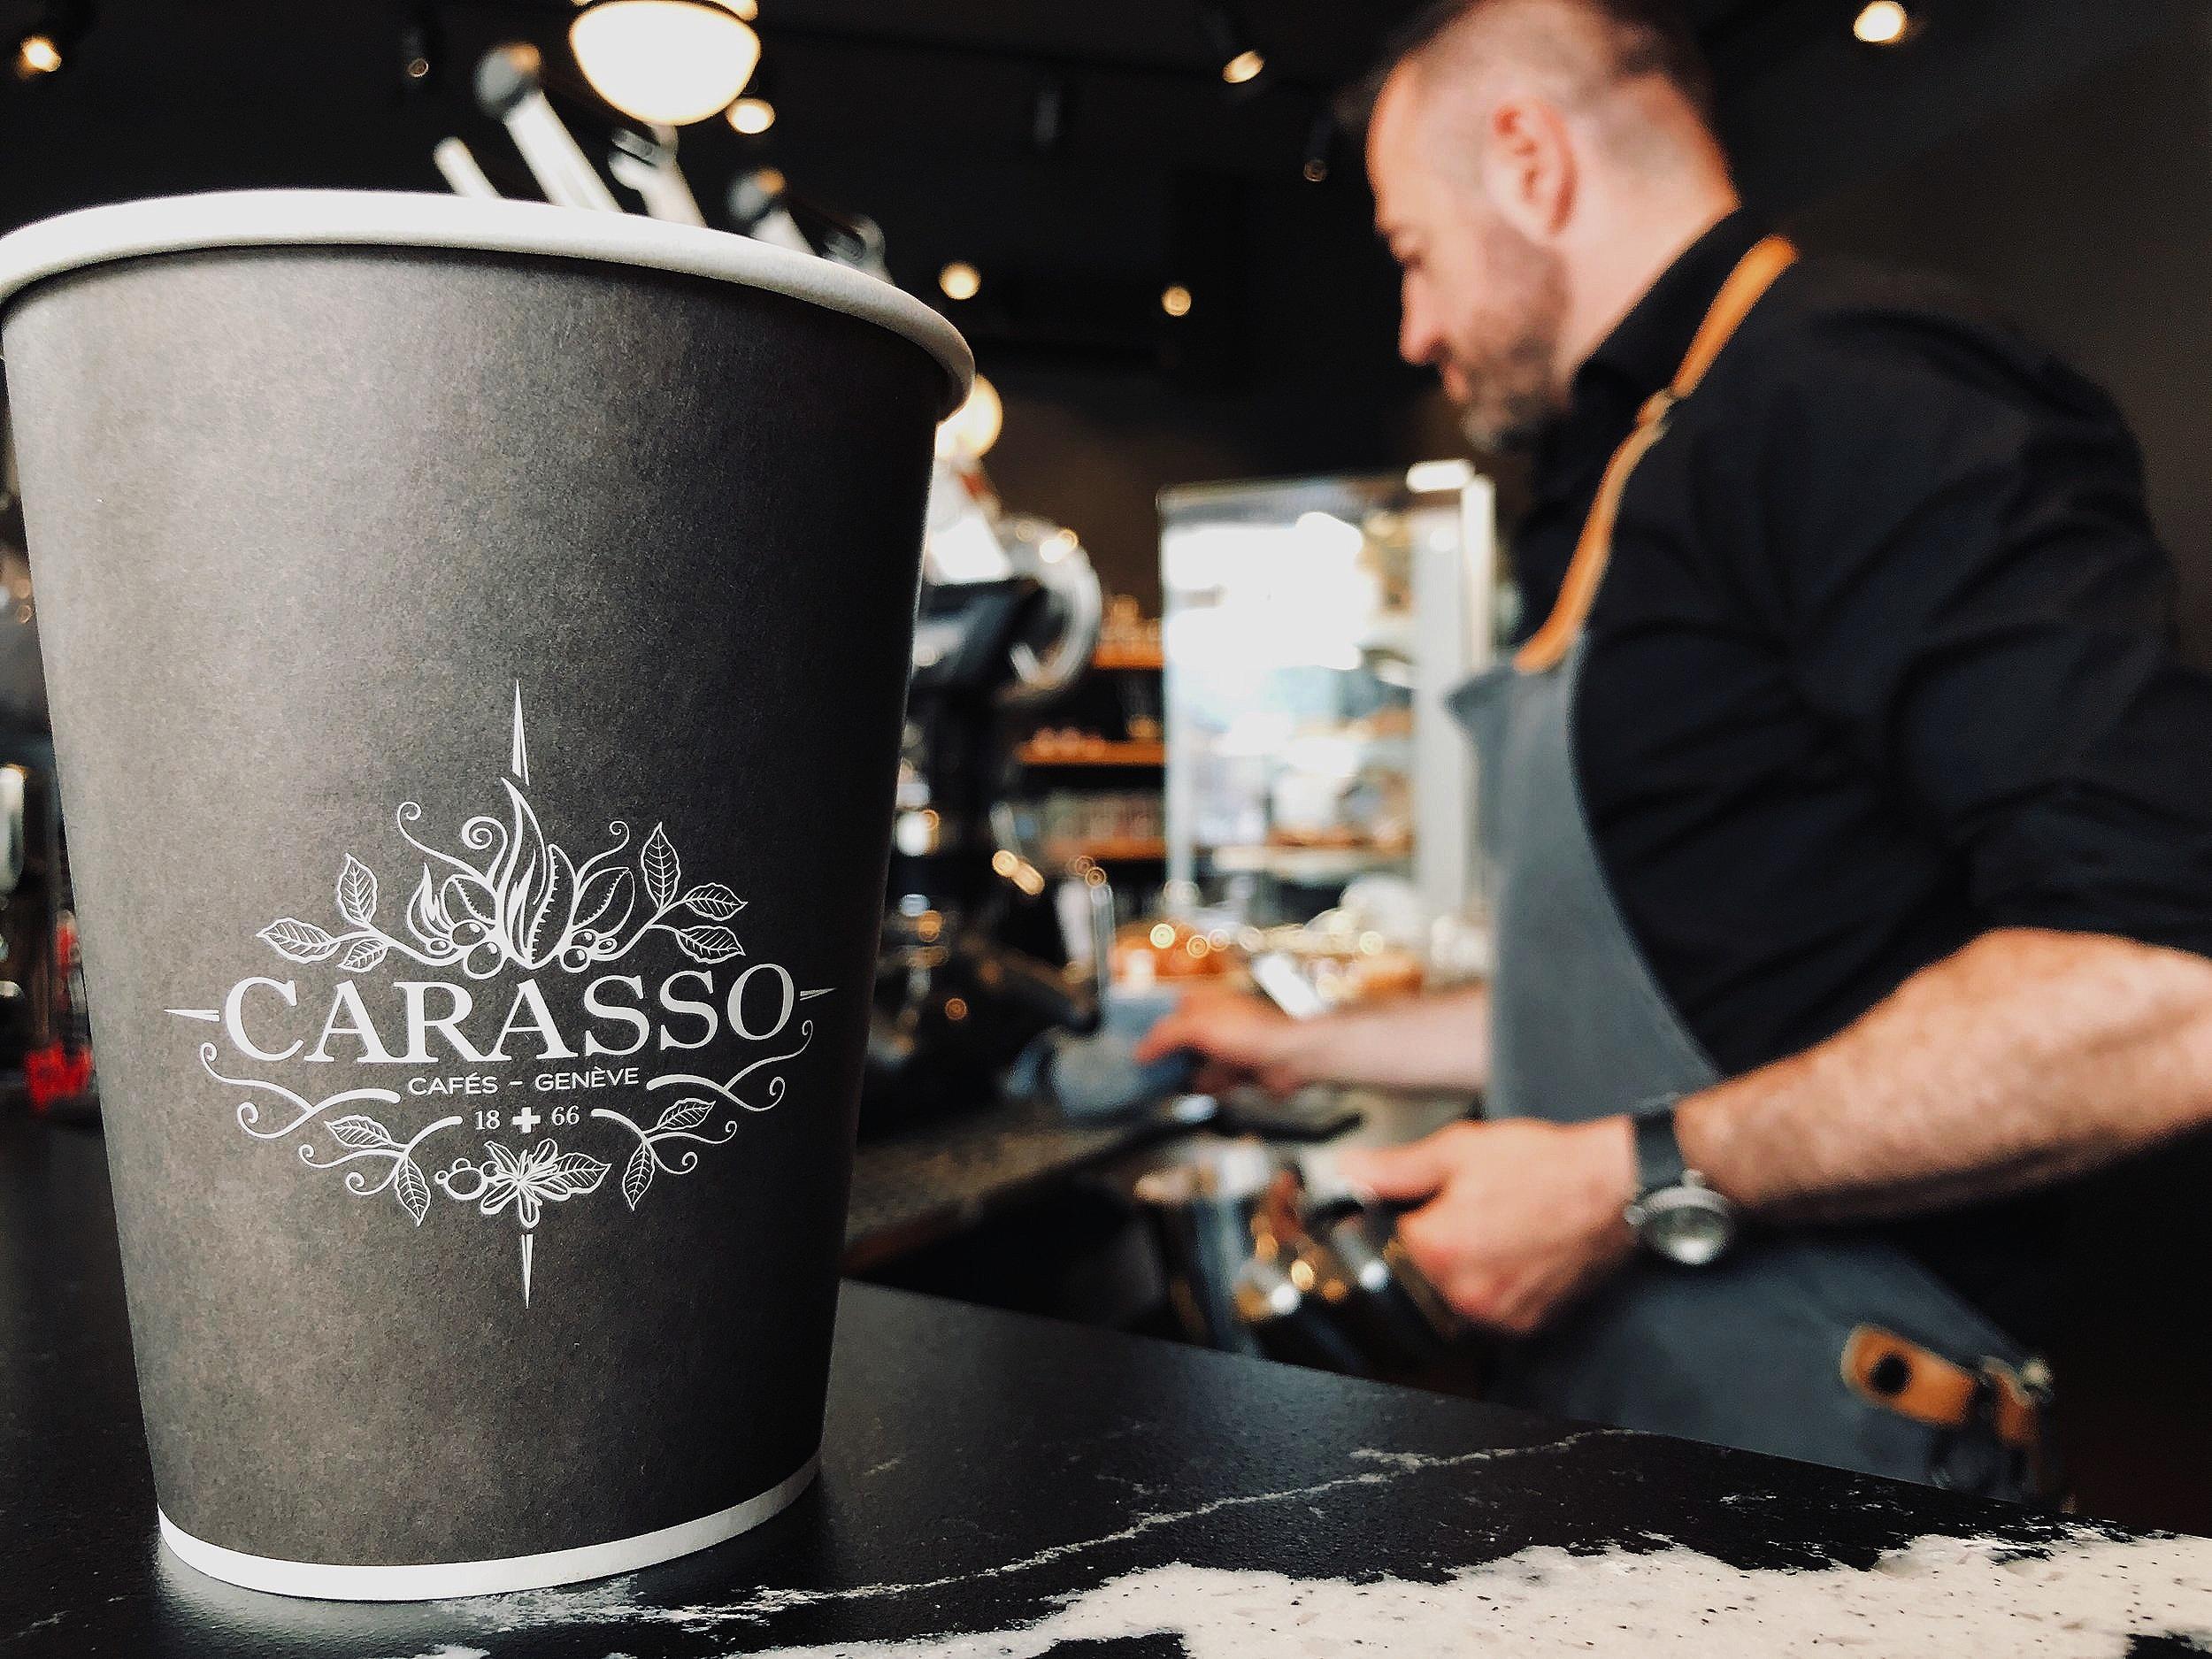 Schnapp dir einen Kaffee beim Barista Carasso in der Stockerstrasse 42 jetzt! - Du bekommst 1x Tasse Kaffee und 2x AURUM Probetrainings GRATIS!Angebot gültig bis 15. Juli 2019 (und solange der Vorrat reicht).